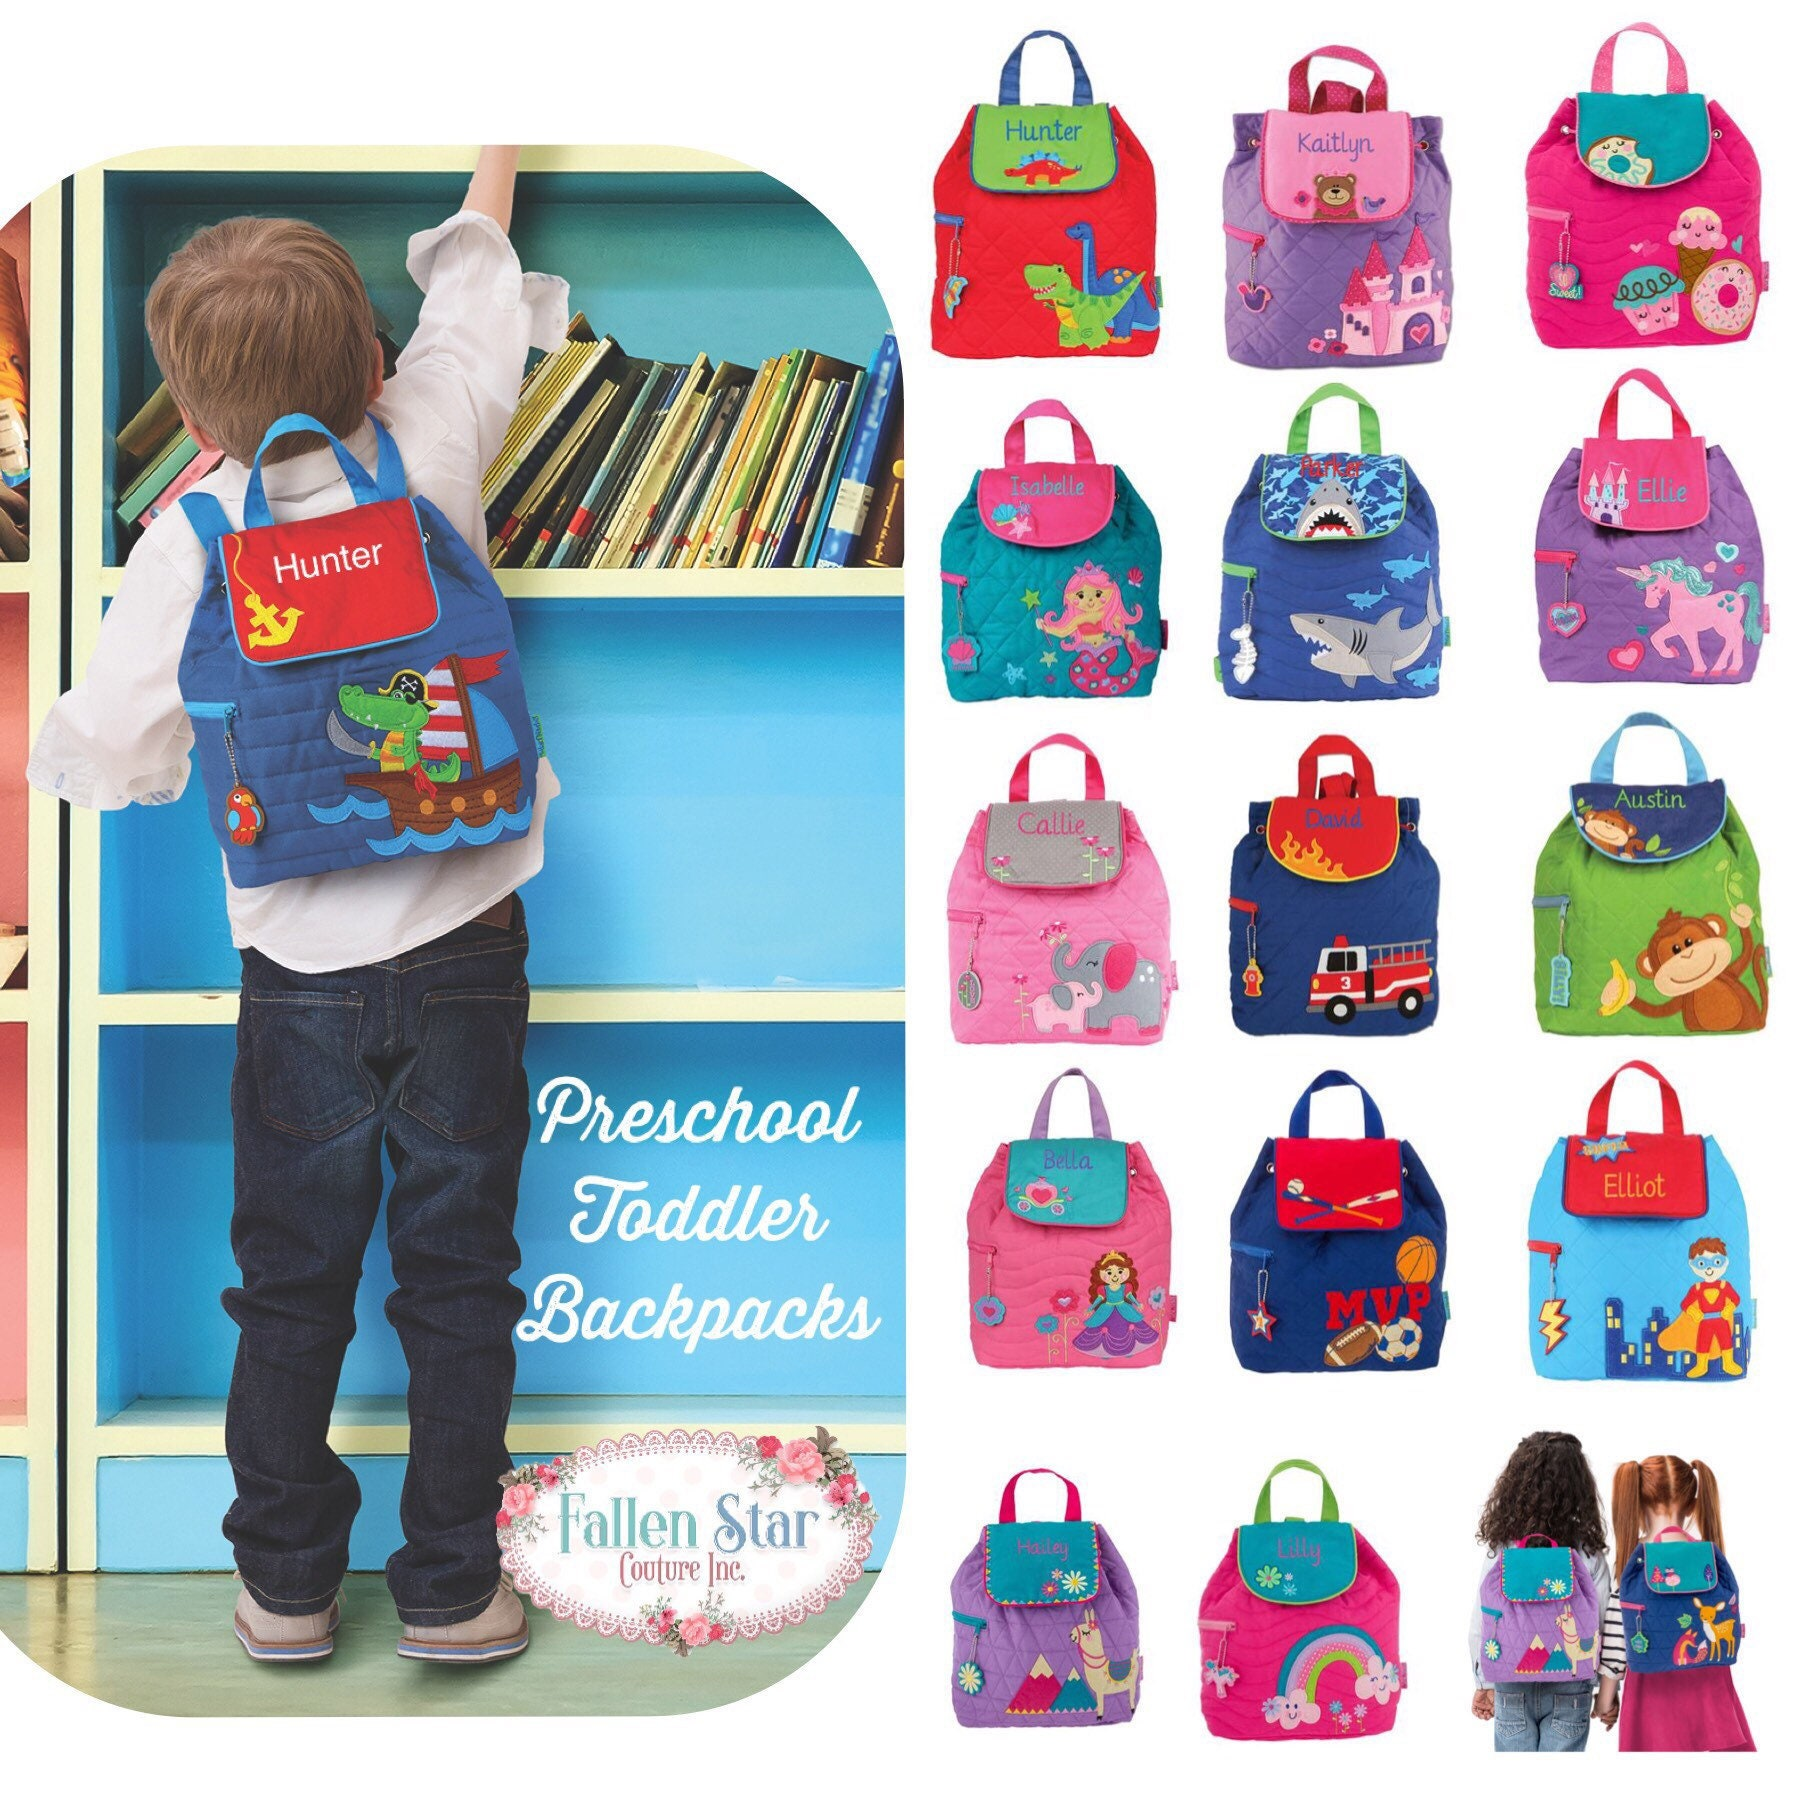 984cb6eab03 Preschool backpack toddler backpack Stephen Joseph Quilted